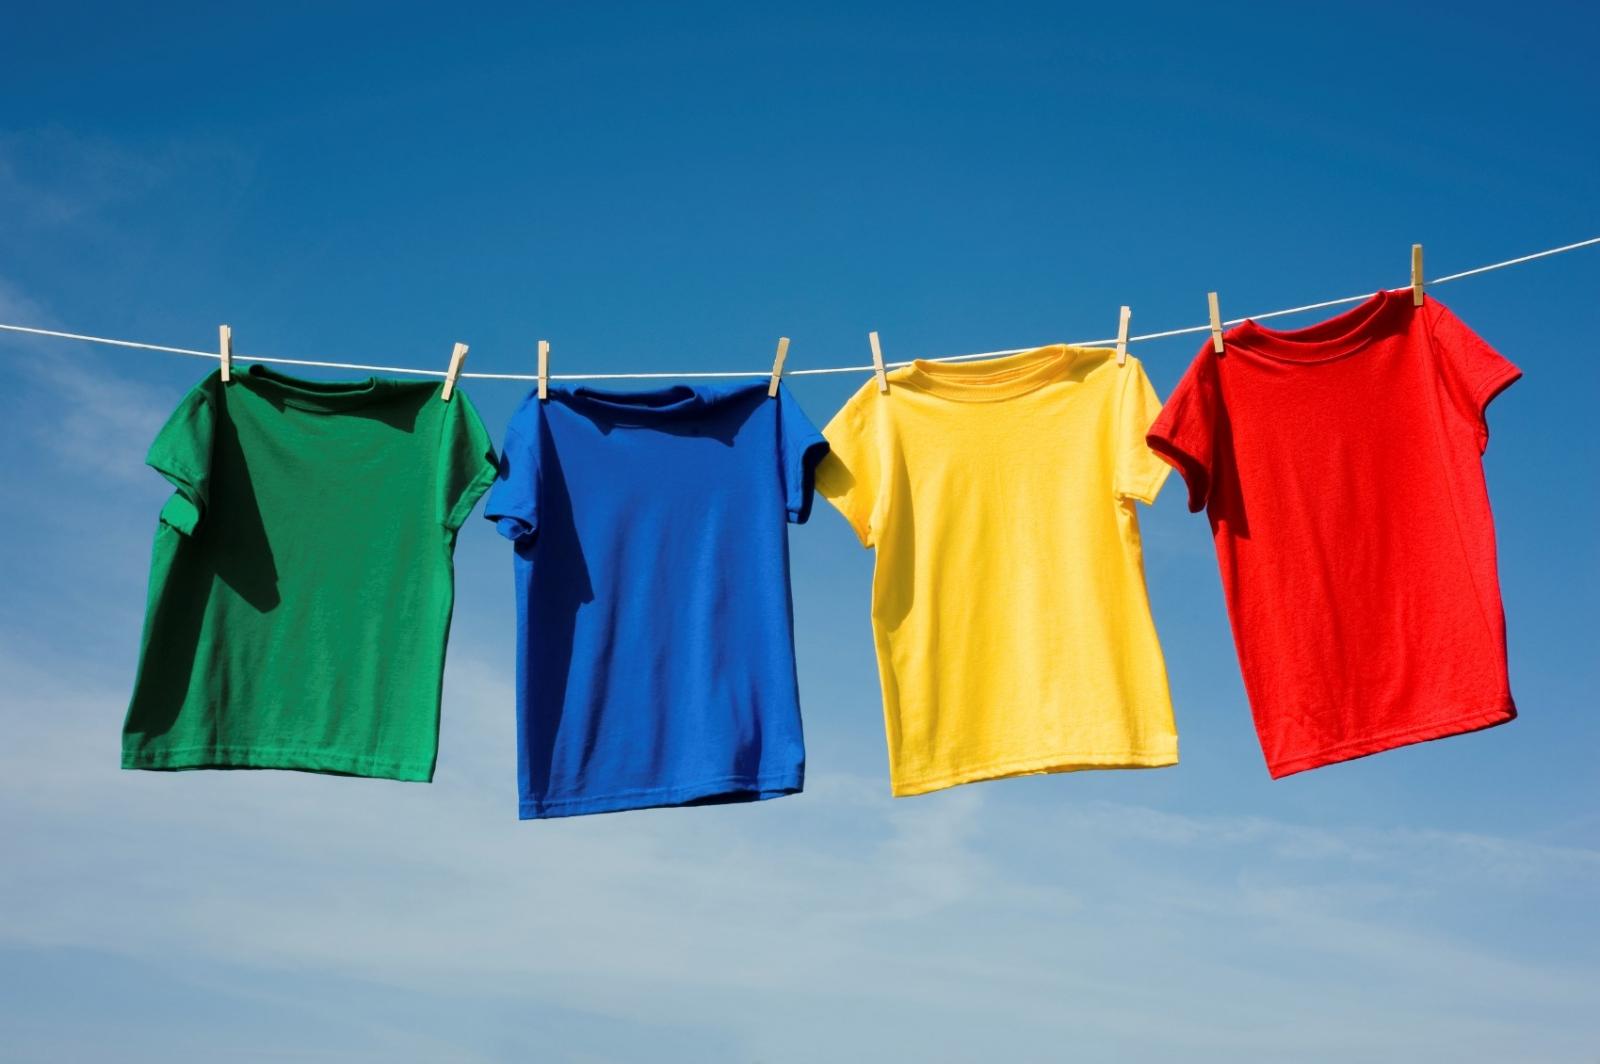 Áo đồng phục nhanh bị phai màu phụ thuộc nhiều vào chất liệu vải may.